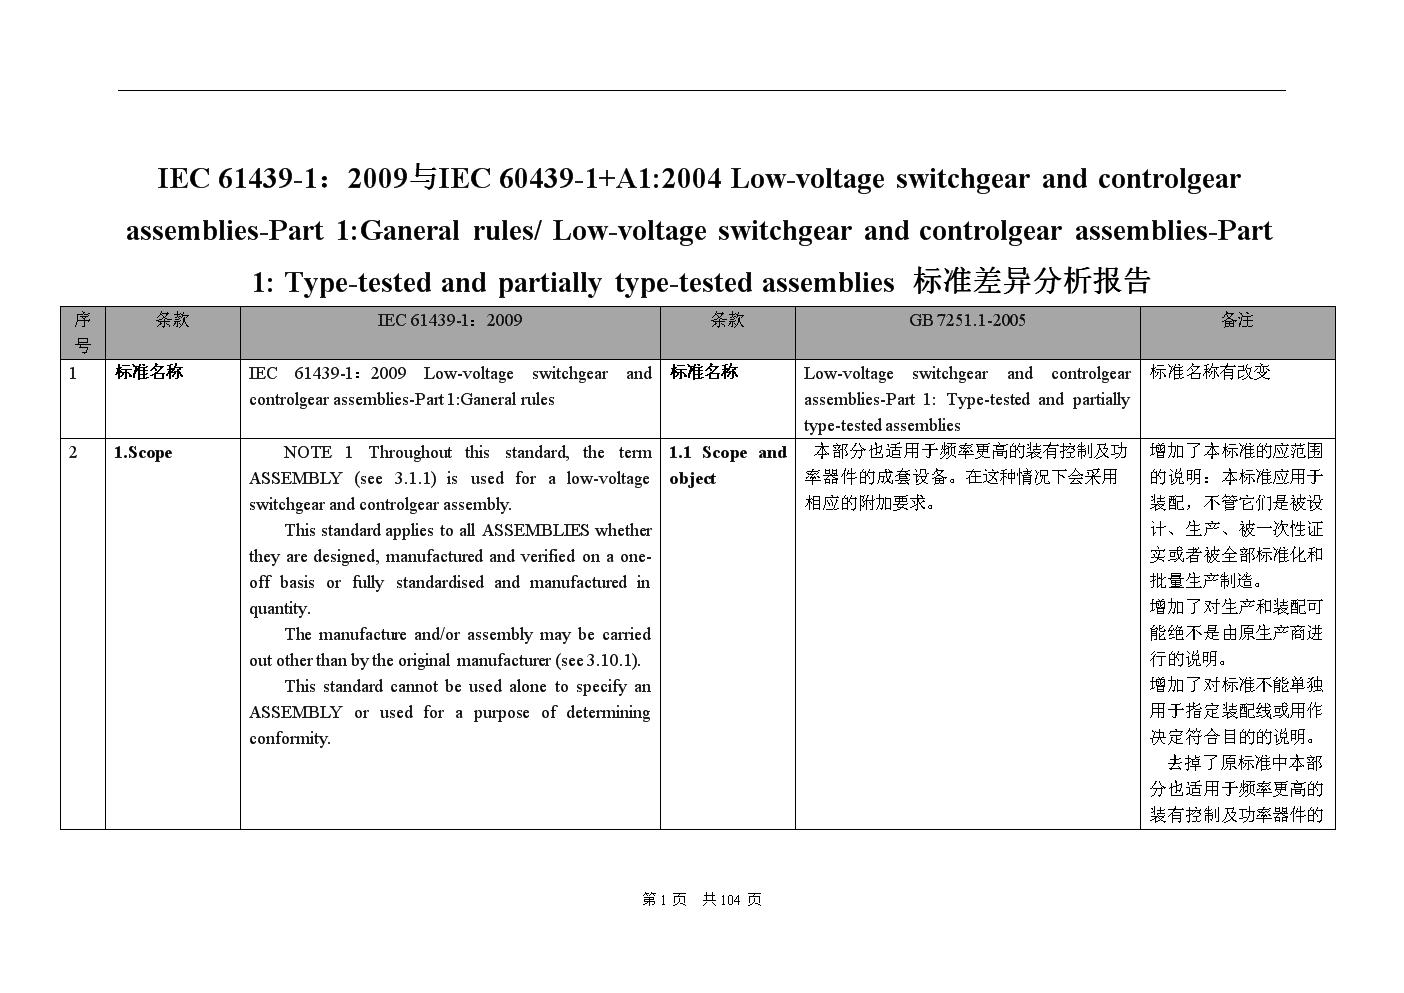 IEC61439:2009与60439-1+A1:2004差异分析报告 doc 免费在线阅读